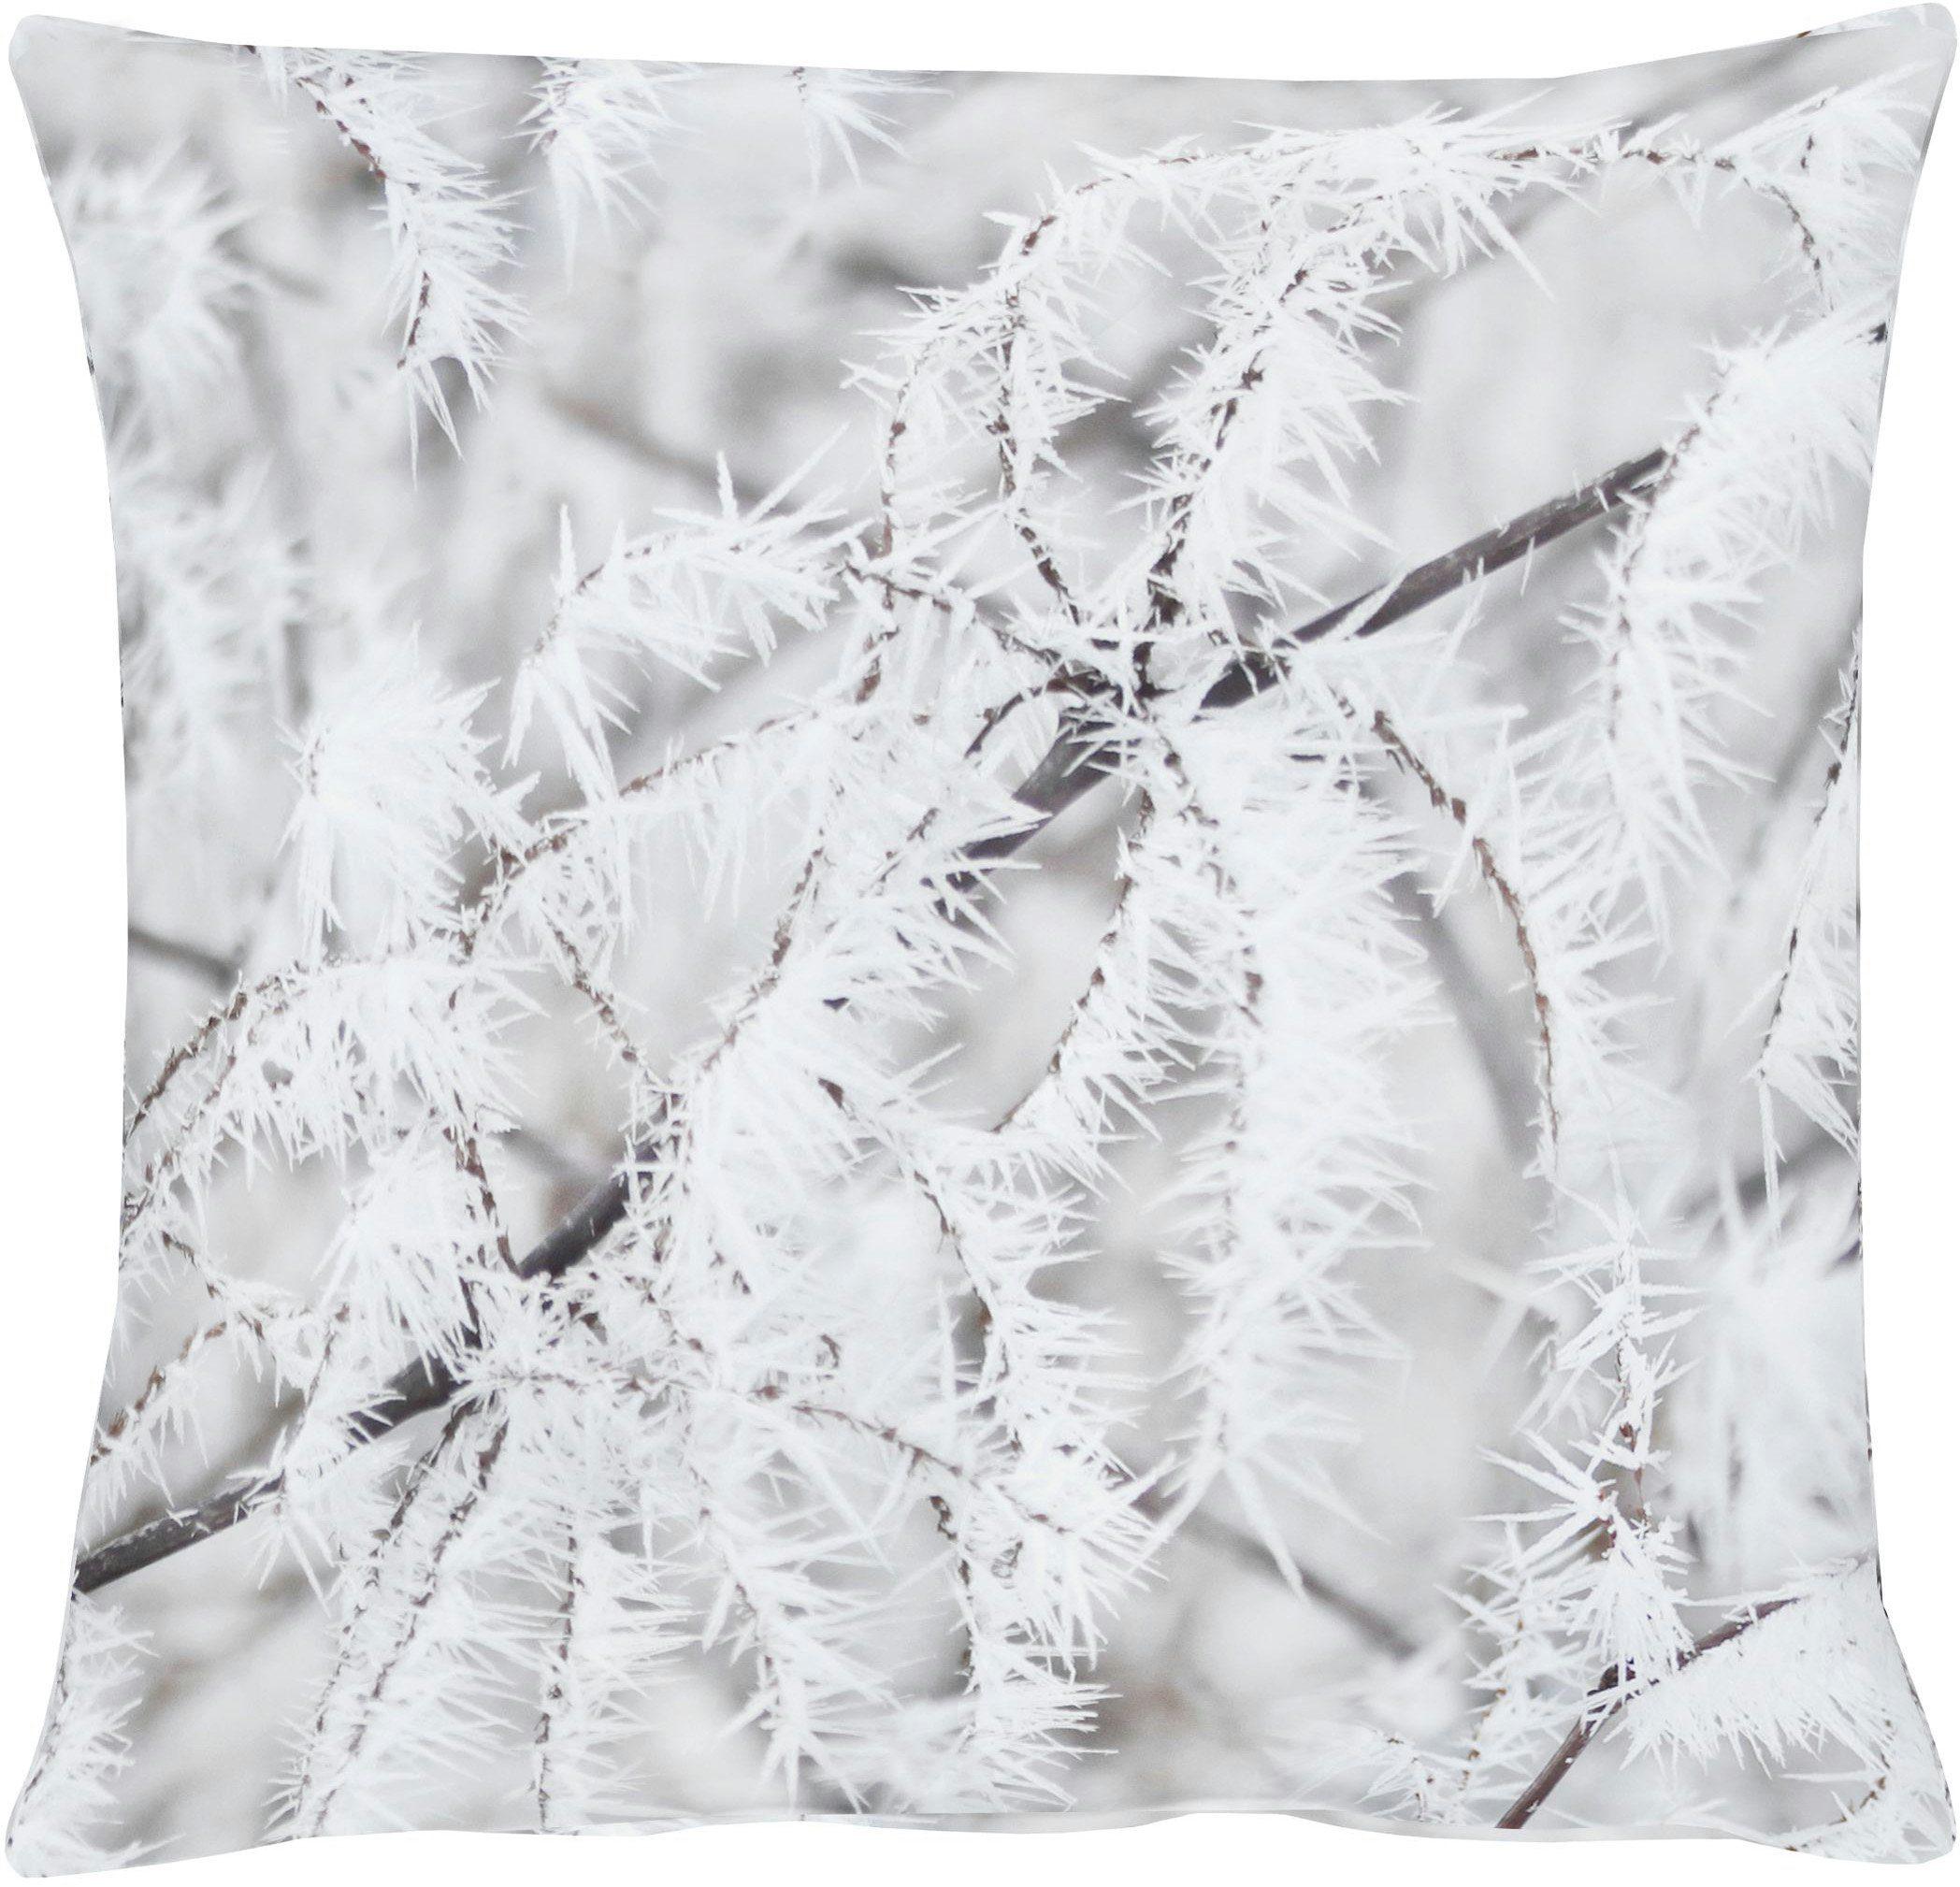 Apelt Kissenhülle, 46 x 46 cm, »5167 WINTERWELT«